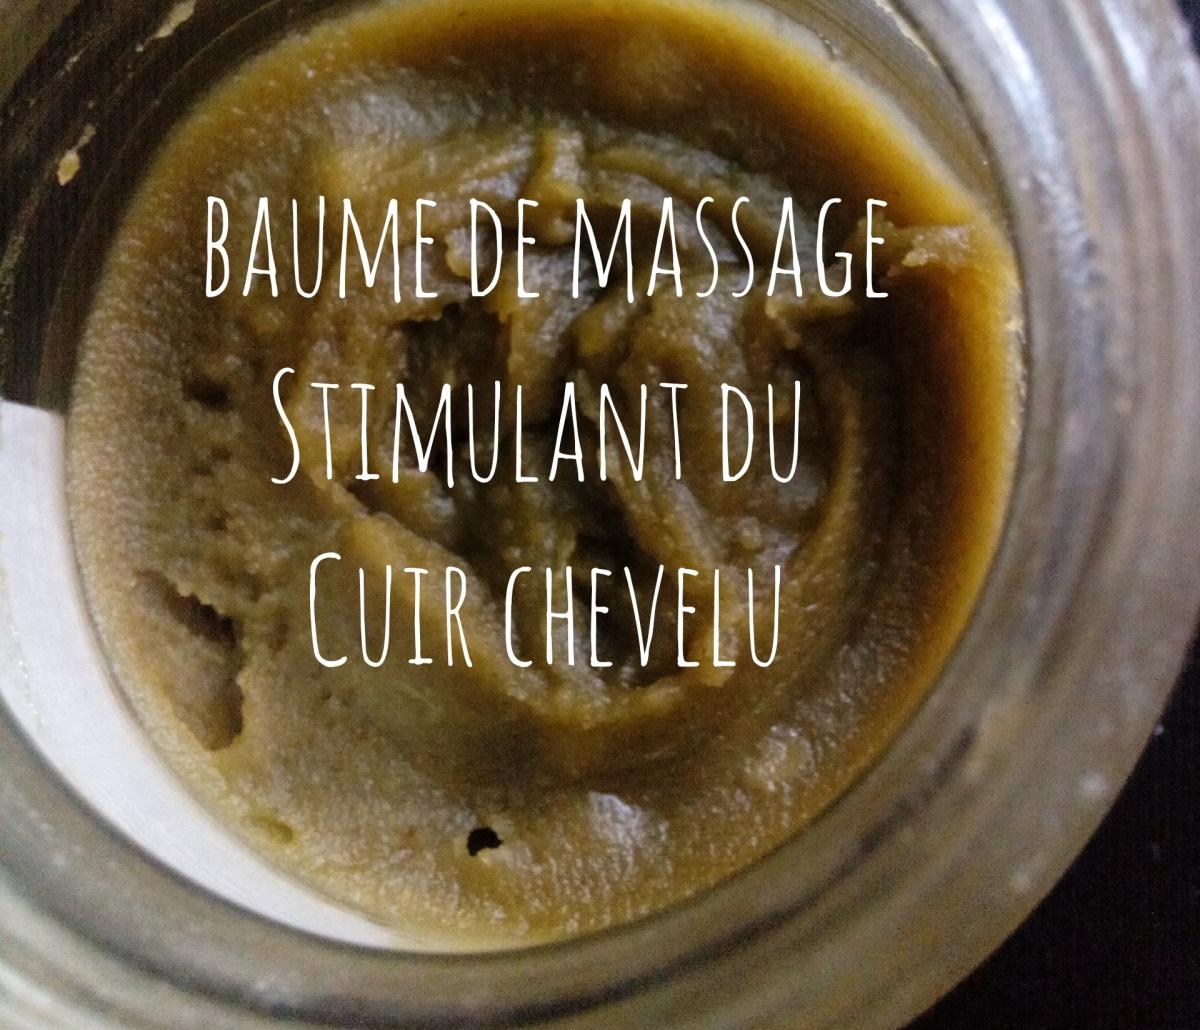 Baume de massage stimulant du cuir chevelu